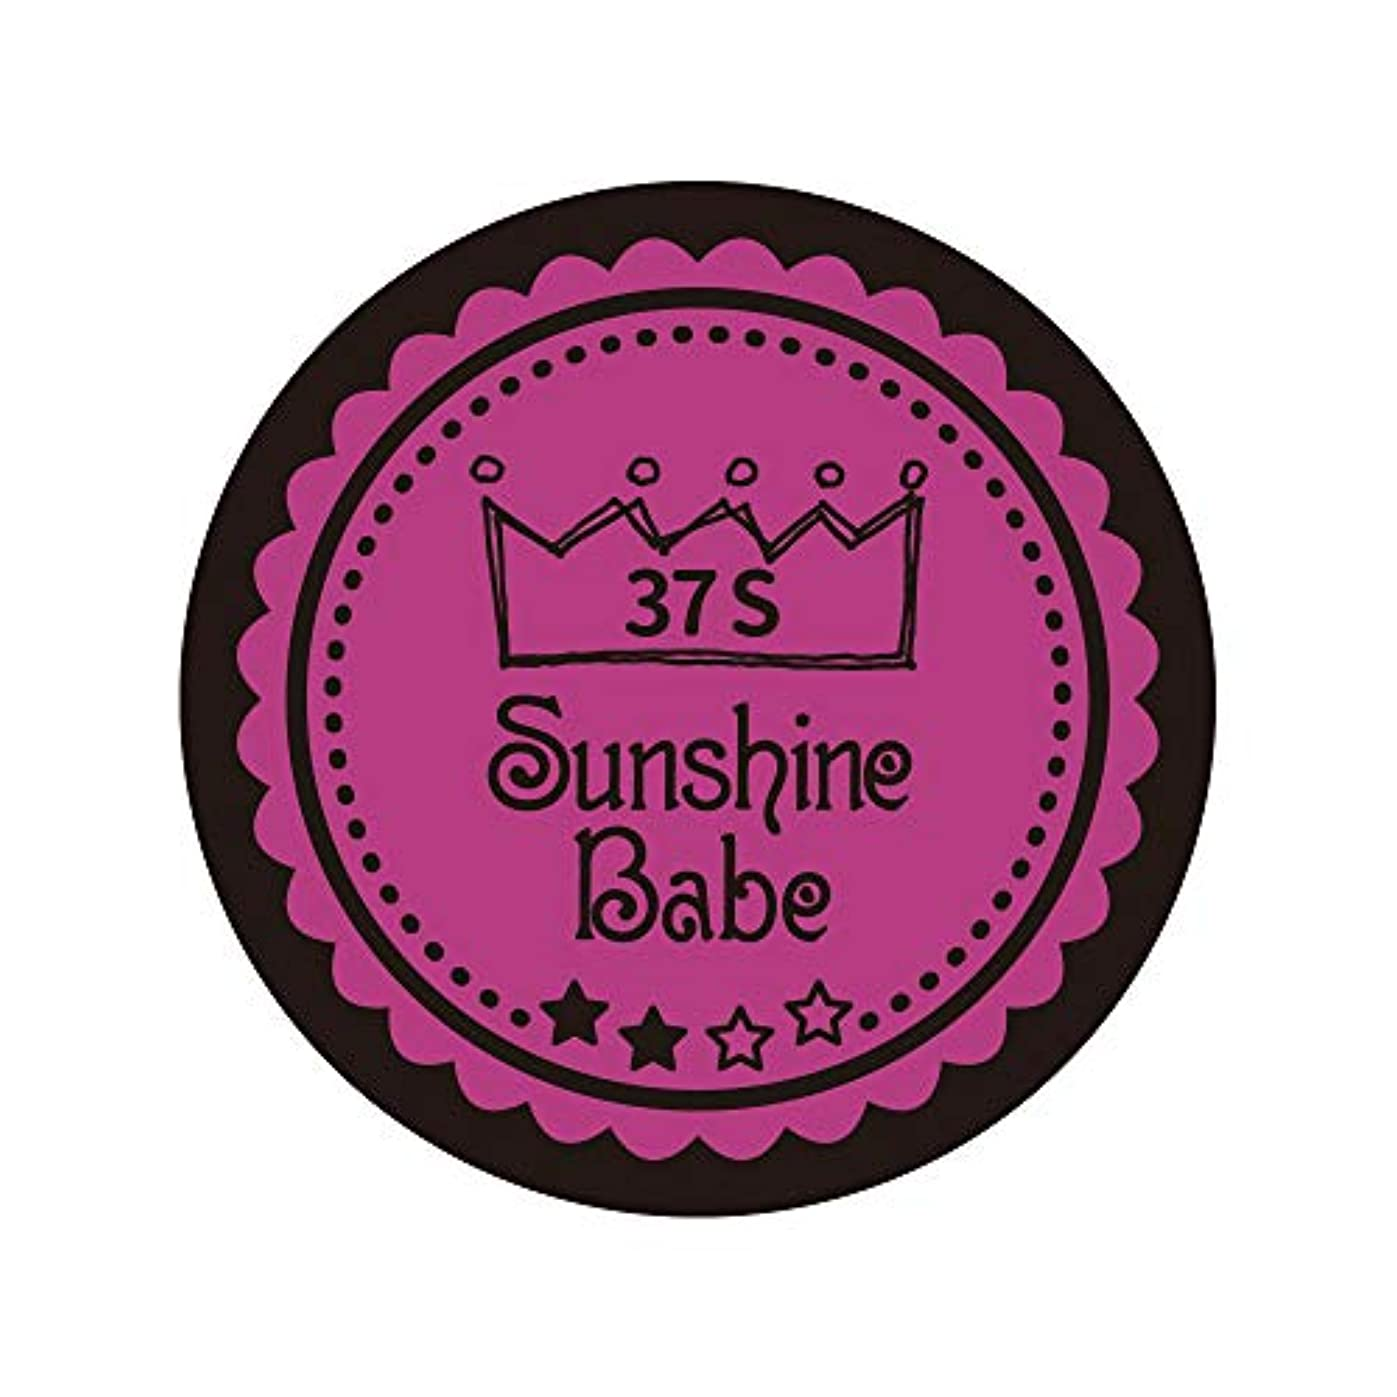 妥協だます消すSunshine Babe カラージェル 37S フューシャピンク 4g UV/LED対応